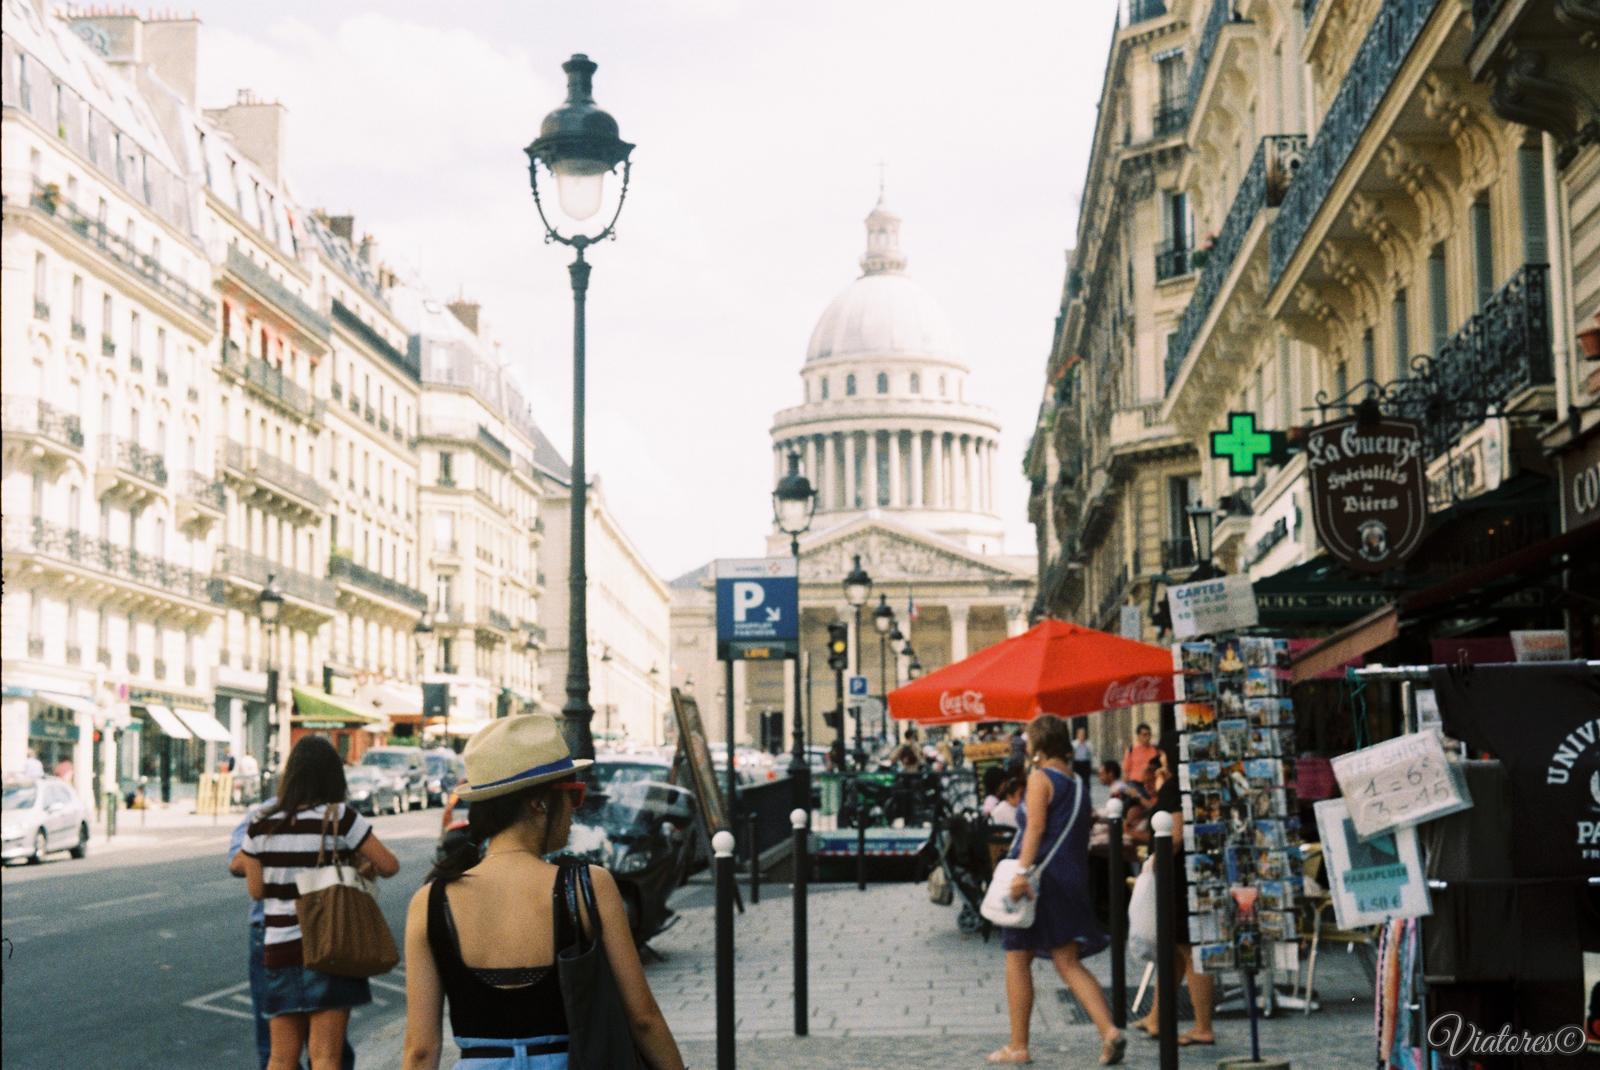 Panteon. Paris. France